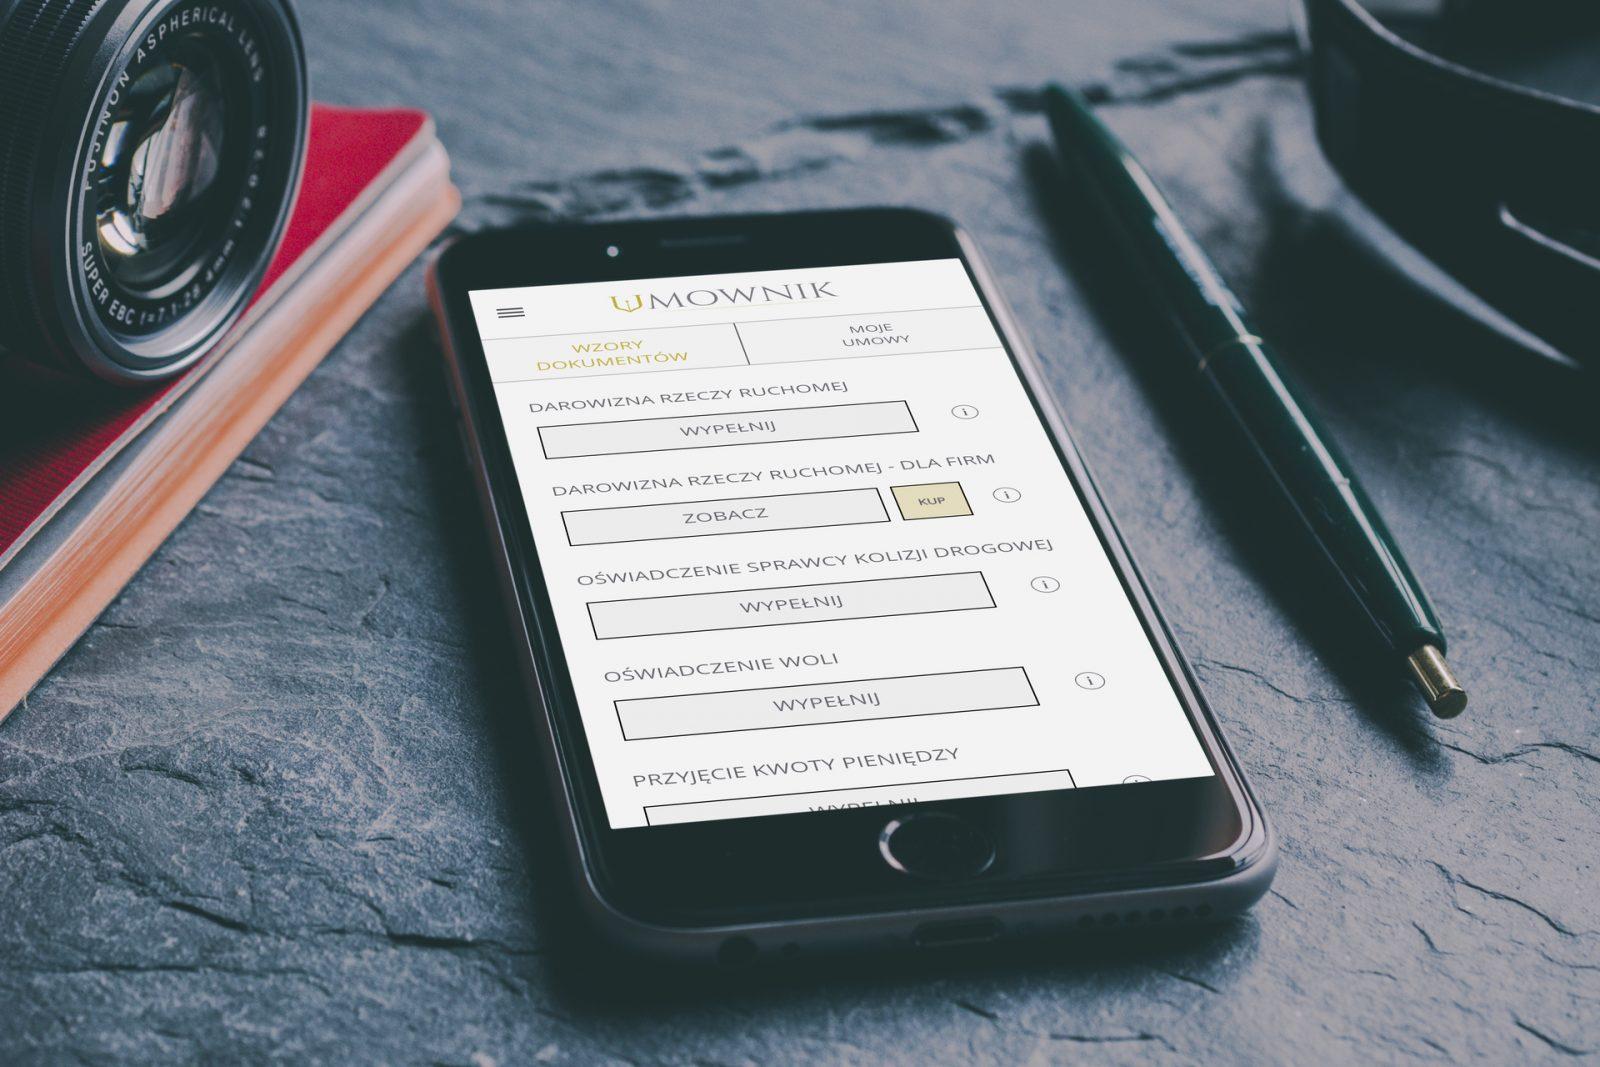 Umownik - 31 umów, które możesz zawrzeć w formie dokumentowej